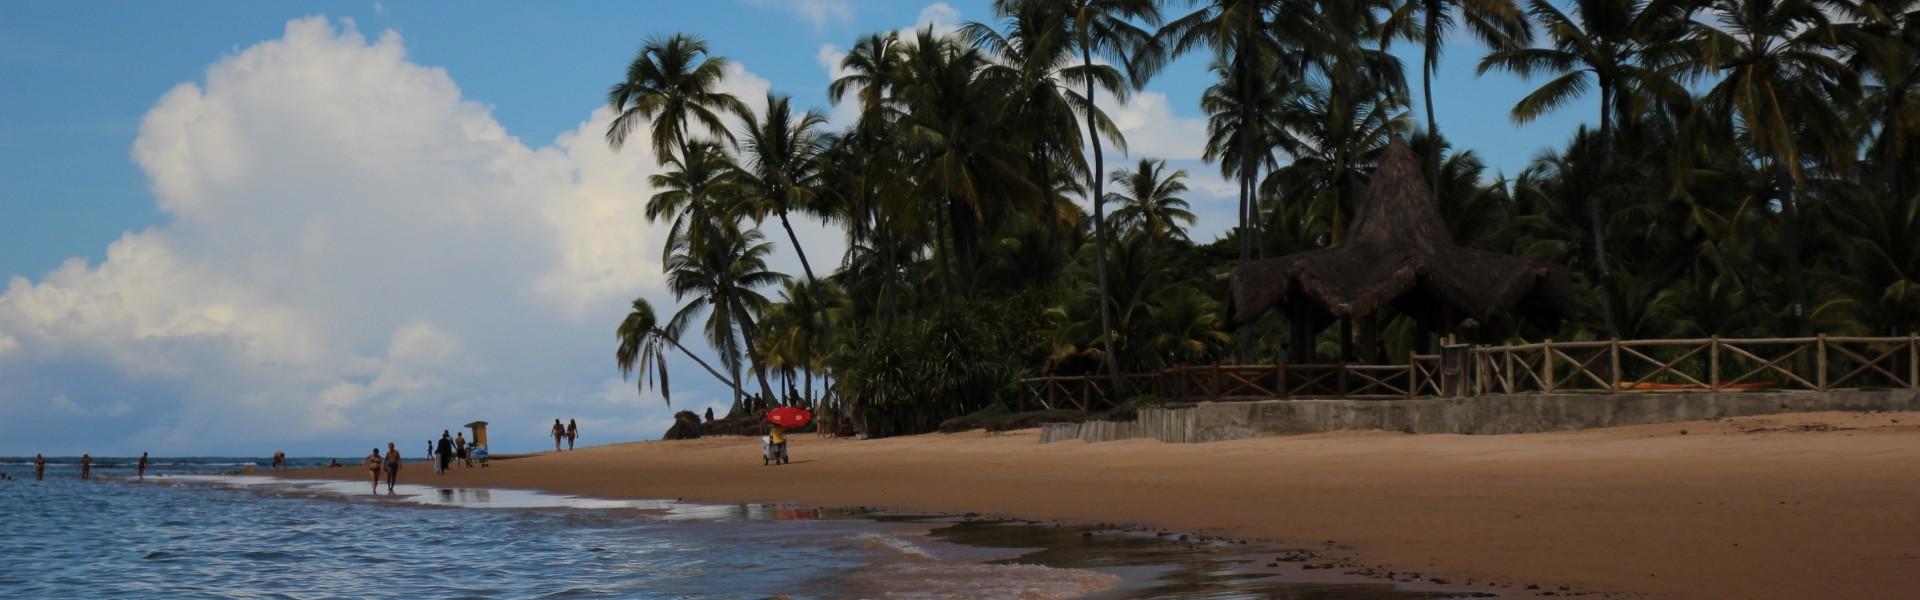 Fuja do óbvio e conheça diferentes destinos turísticos na Bahia